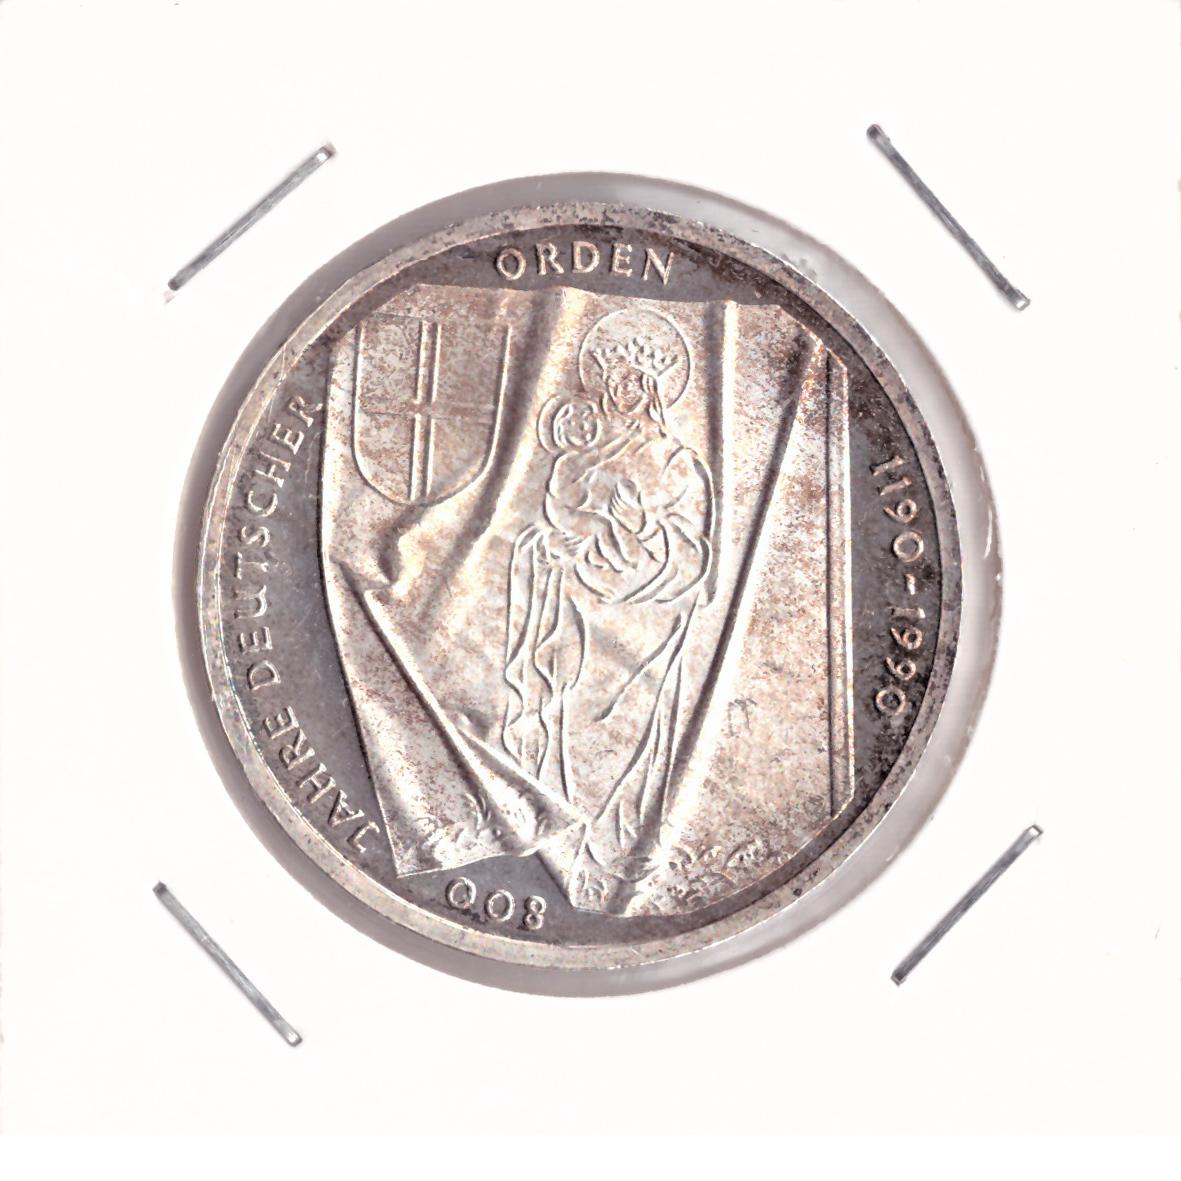 10 марок 1990 год (J) 800 лет Тевтонскому ордену, Германия. AU